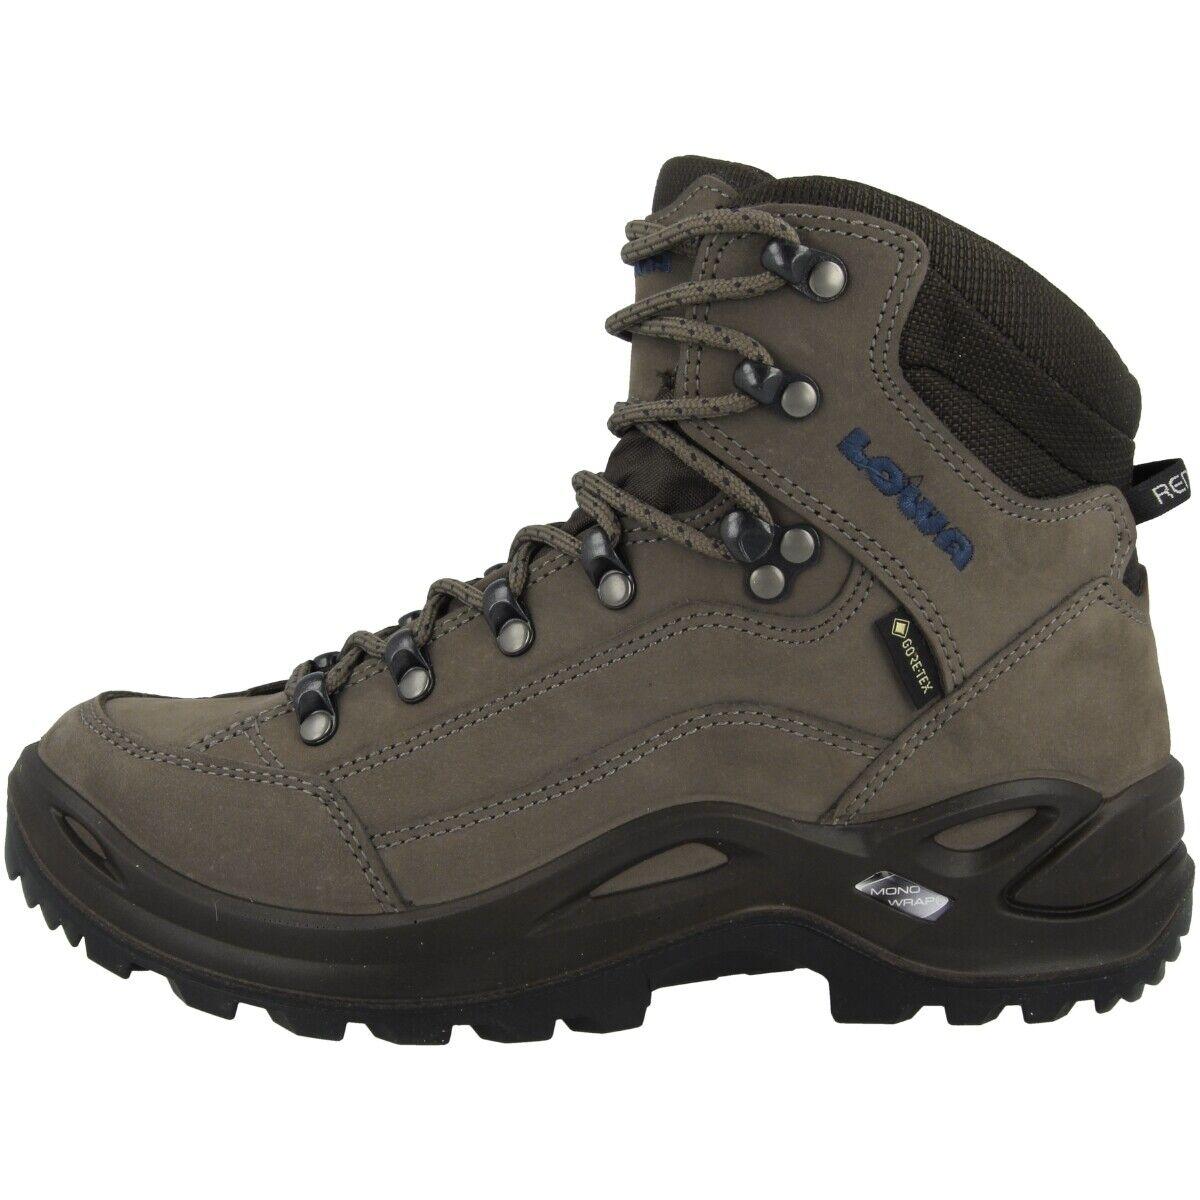 LOWA Renegade GTX Mid damen Gore-Tex Outdoor Hiking Schuhe stein 320945-9541